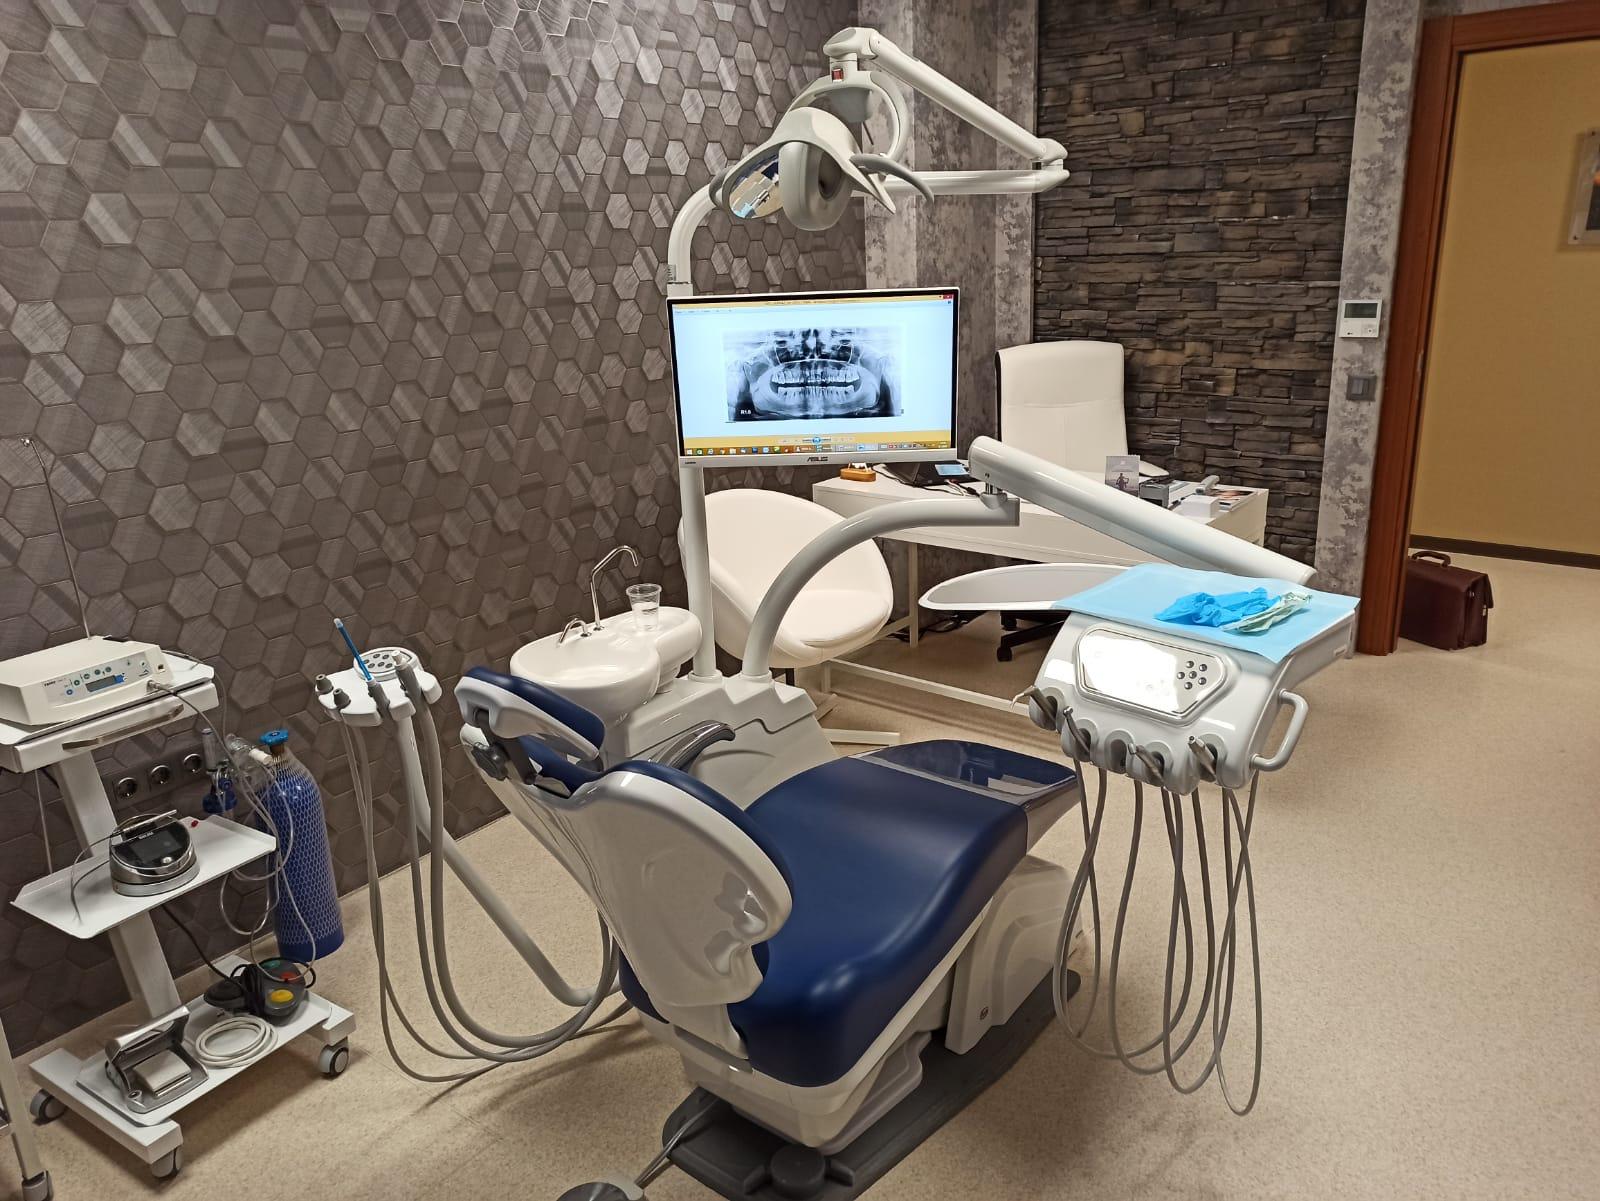 Hakan Bayındır Özel Diş Hekimi Muayenehanesi Görselleri